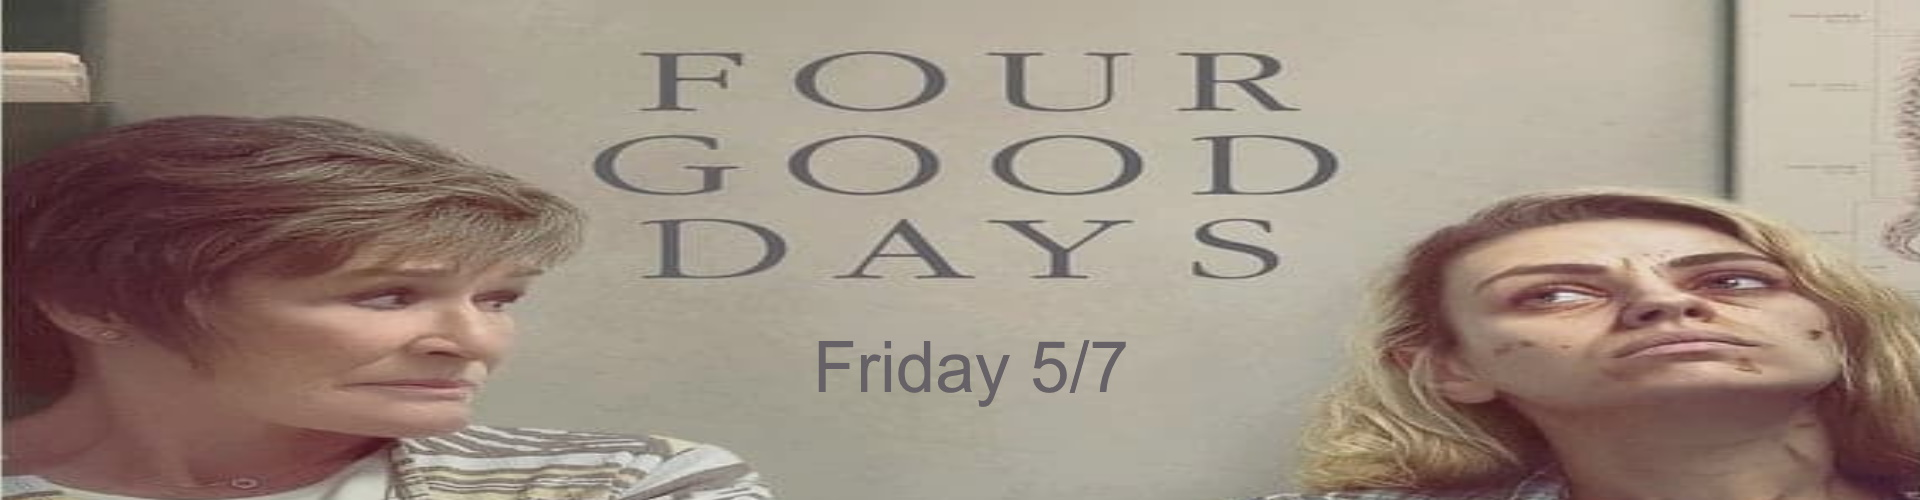 fourgooddays